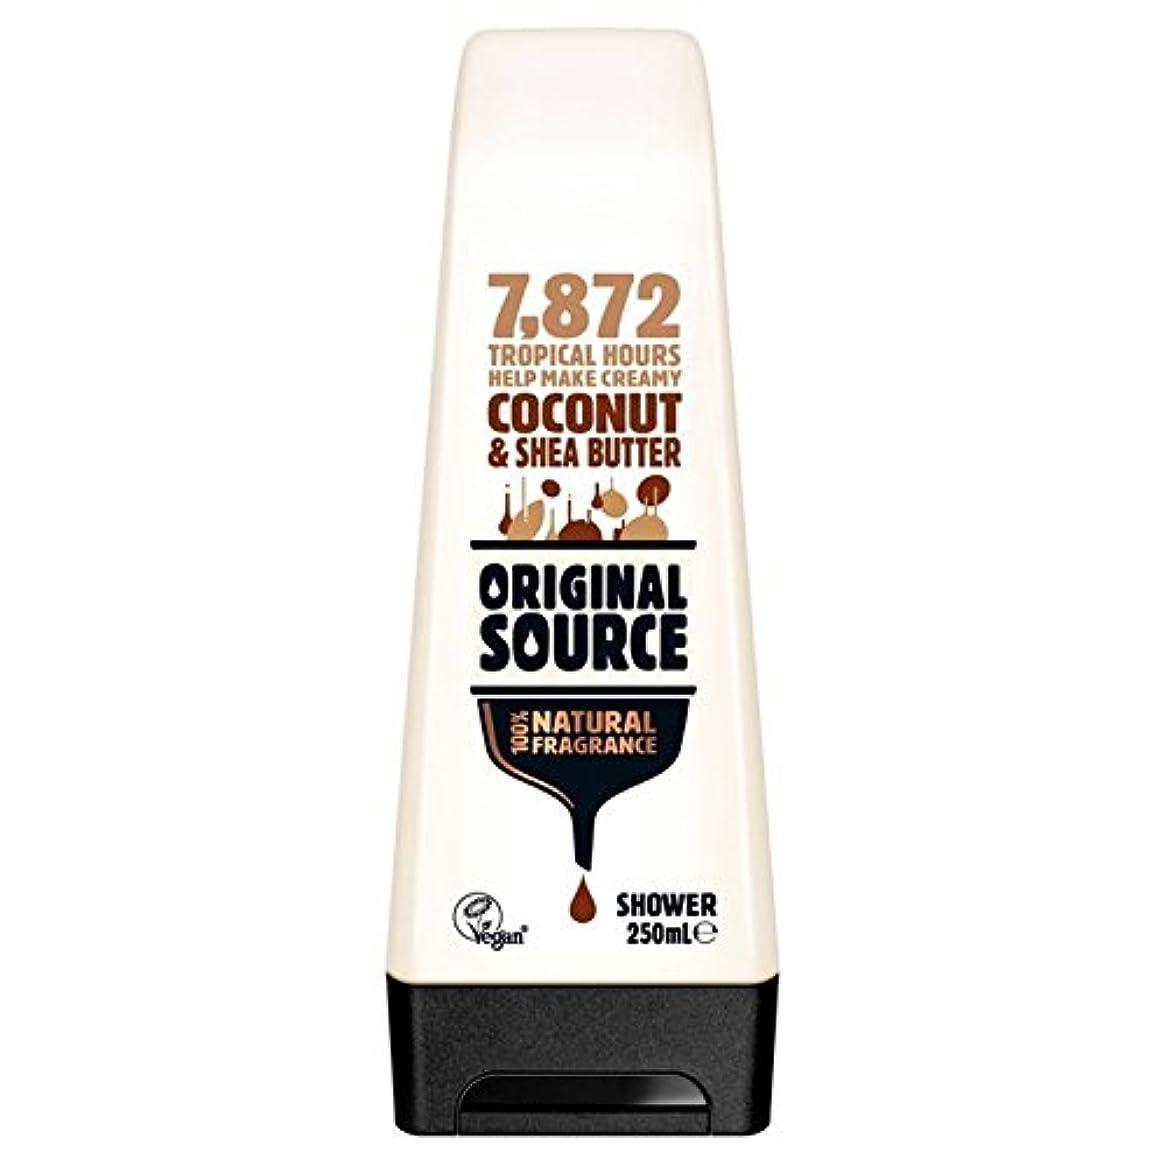 雑多な膜永続Original Source Moisturising Coconut & Shea Butter Shower Gel 250ml - 元のソース保湿ココナッツ&シアバターシャワージェル250ミリリットル [並行輸入品]